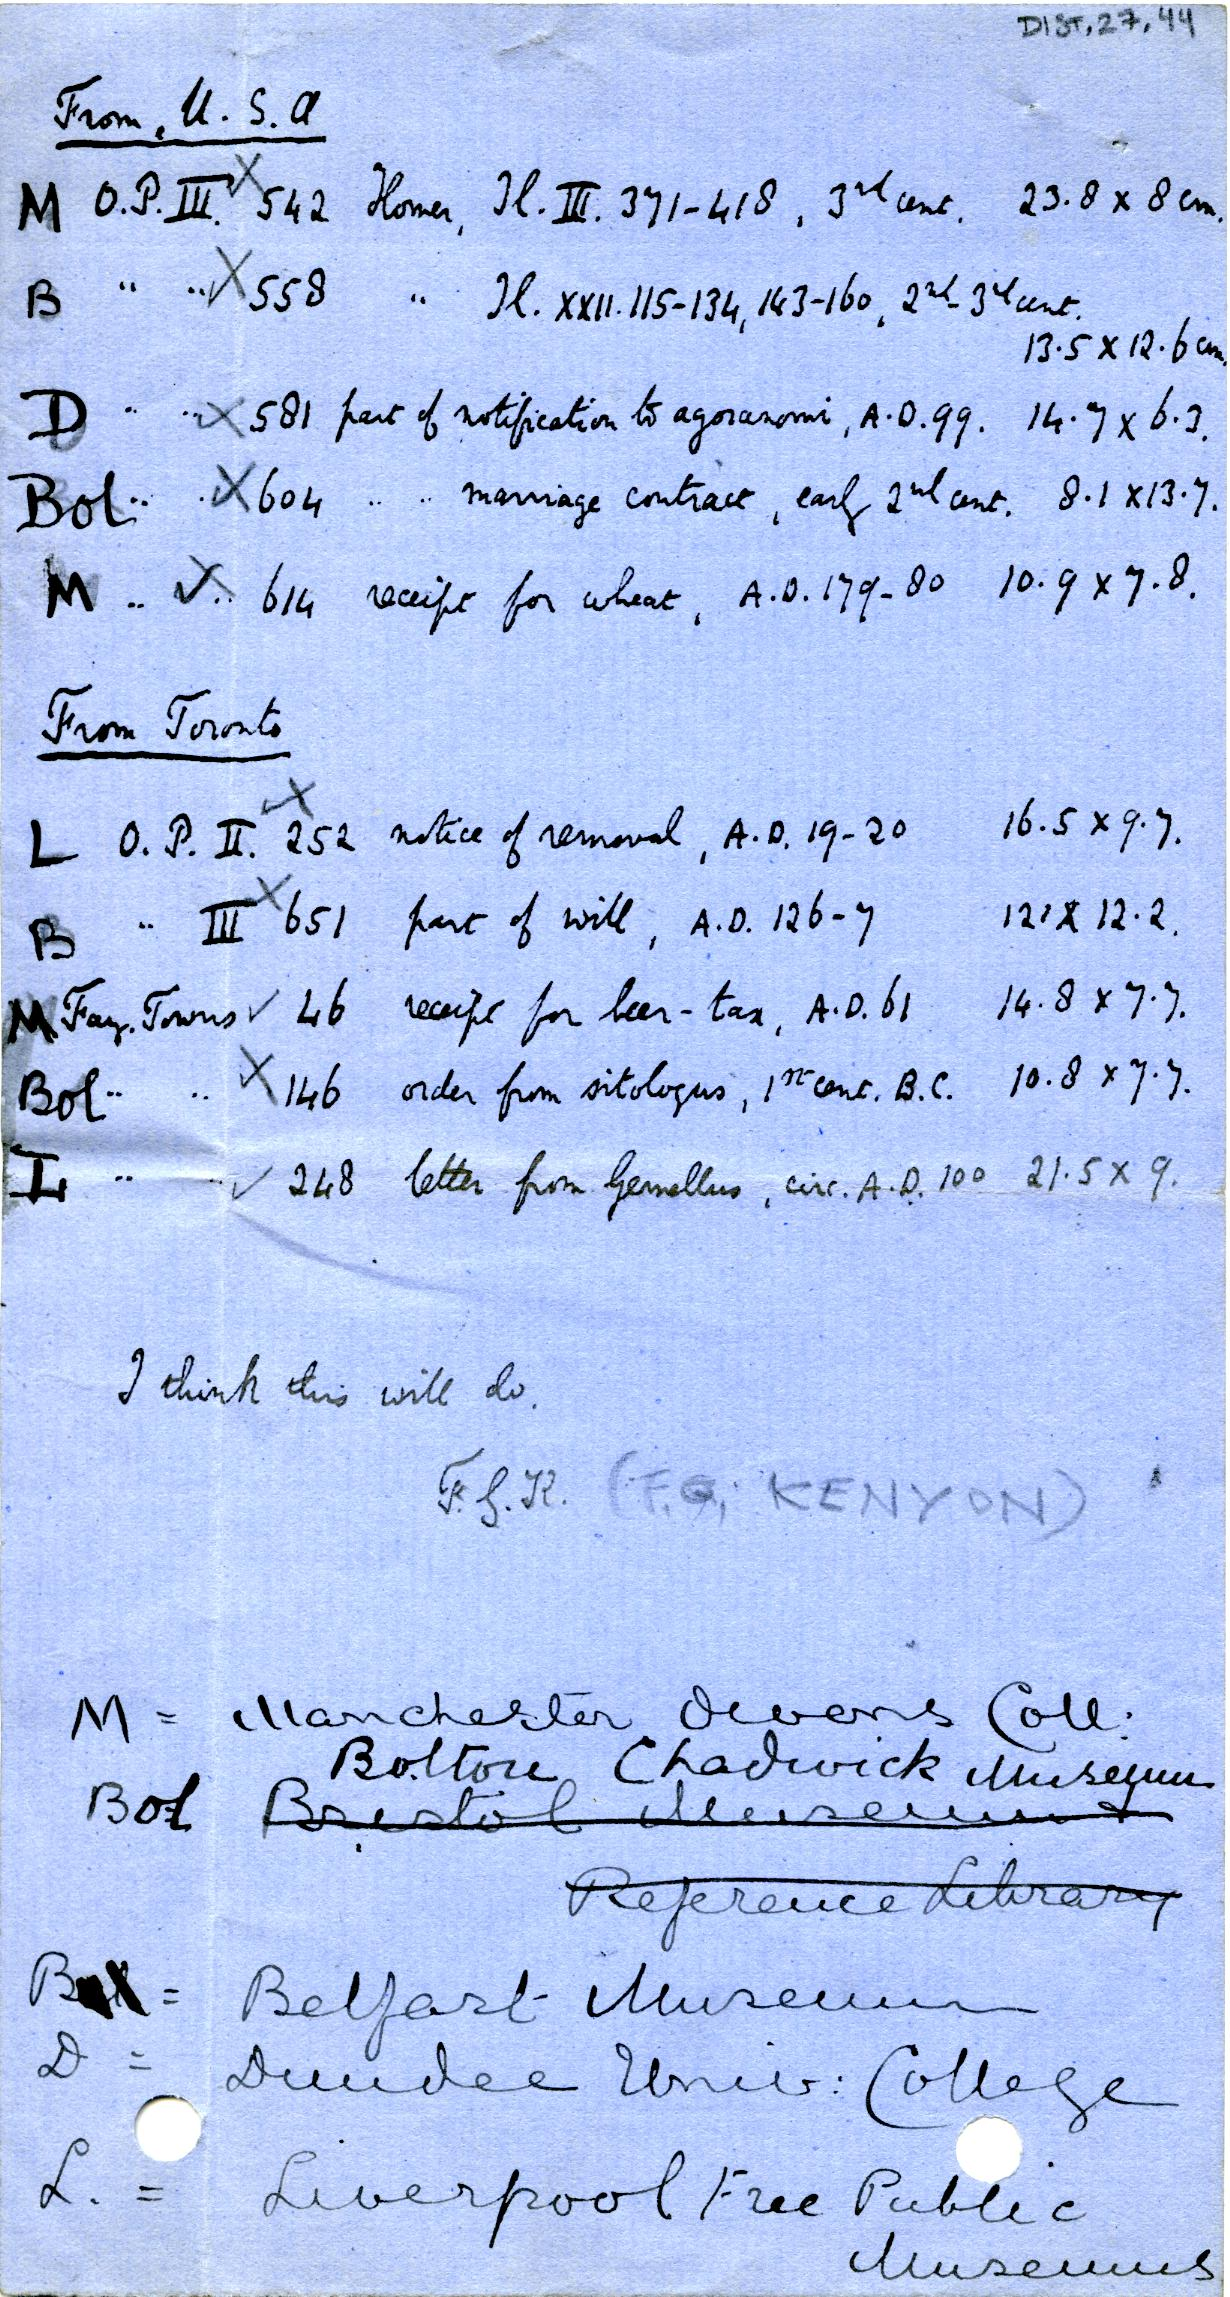 1905-06 Oxyrhynchus, el-Hibeh, Faiyum DIST.27.44